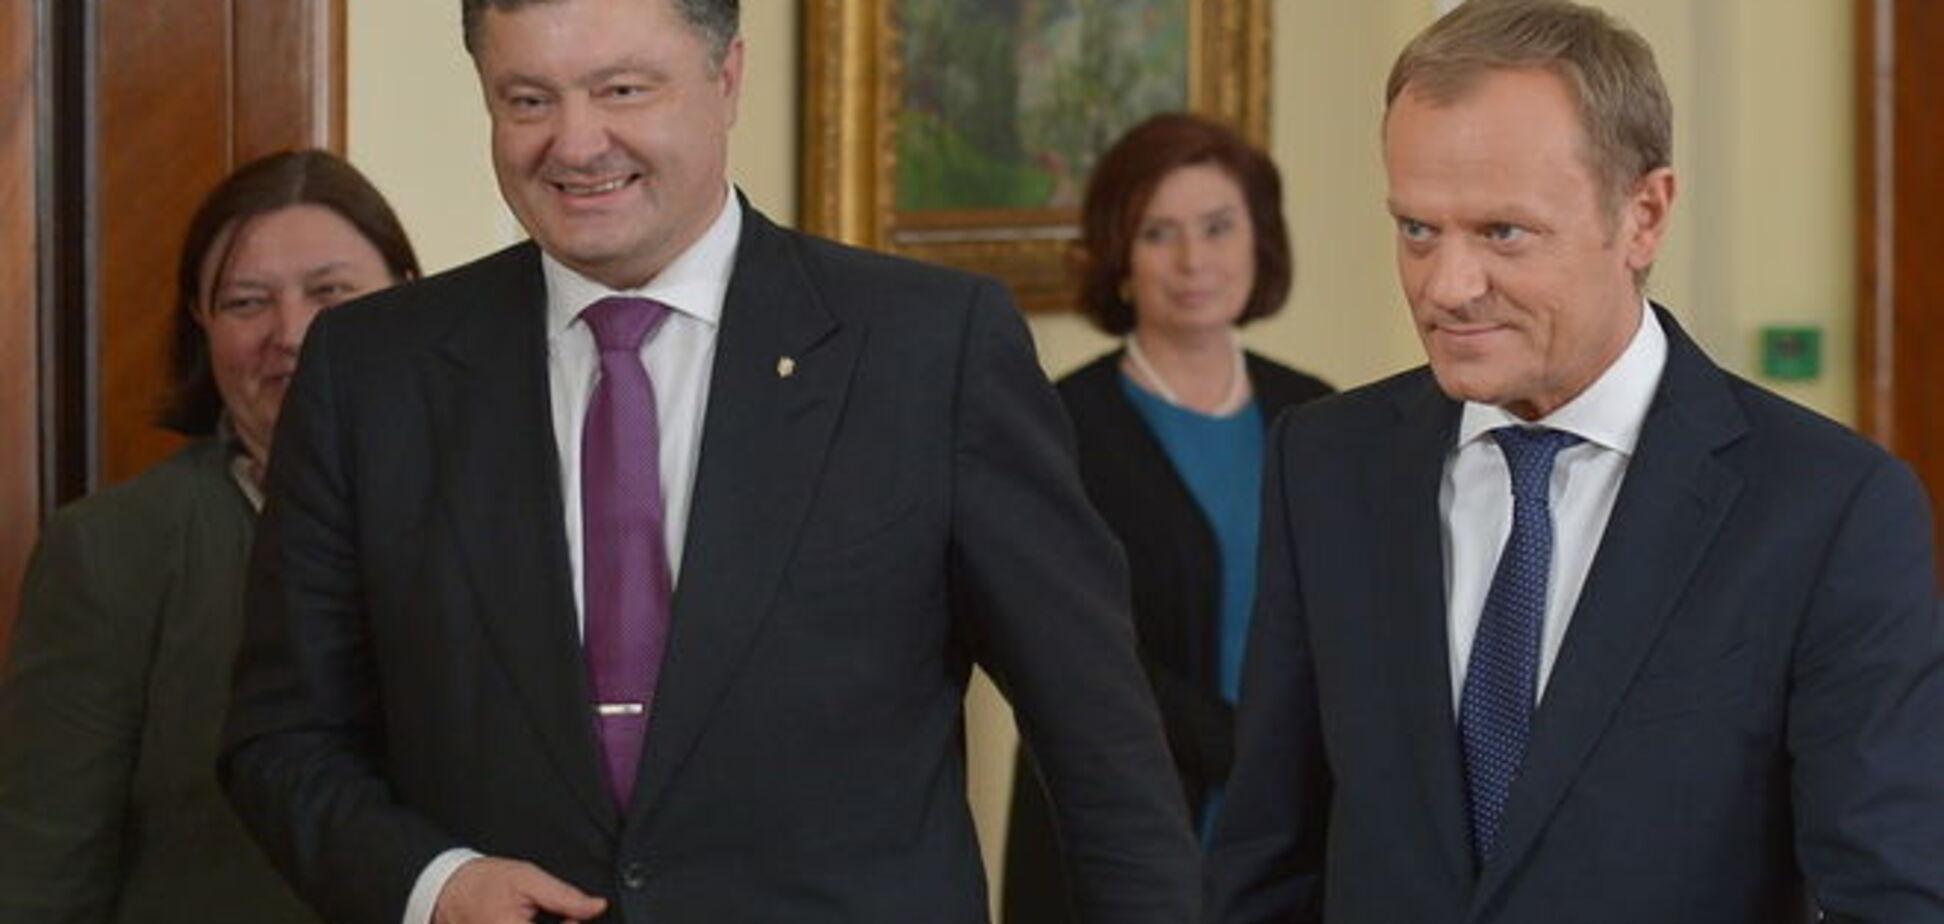 Порошенко попросил у Туска 'более четких европейских перспектив'